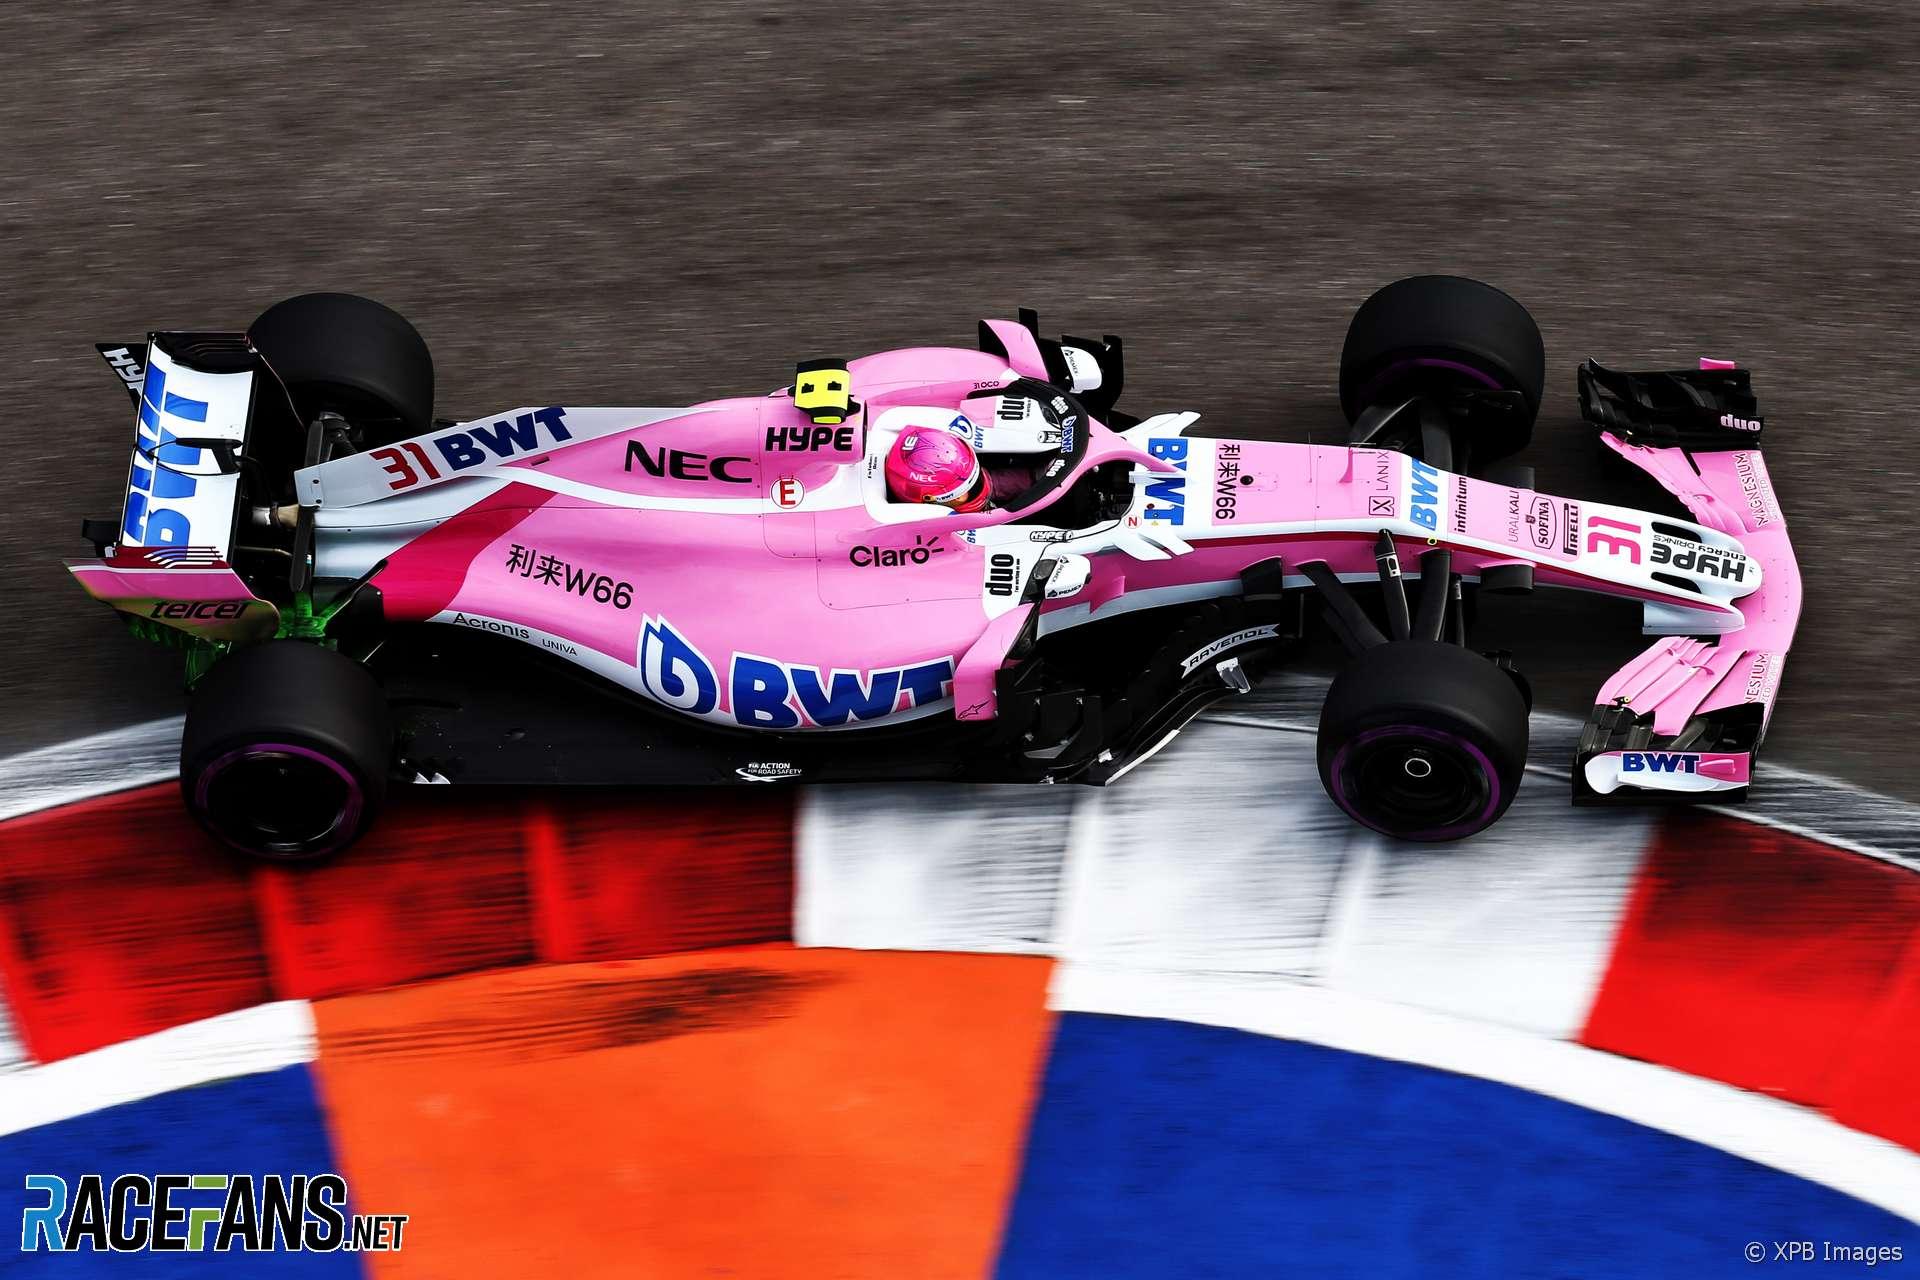 2018 Russian Grand Prix